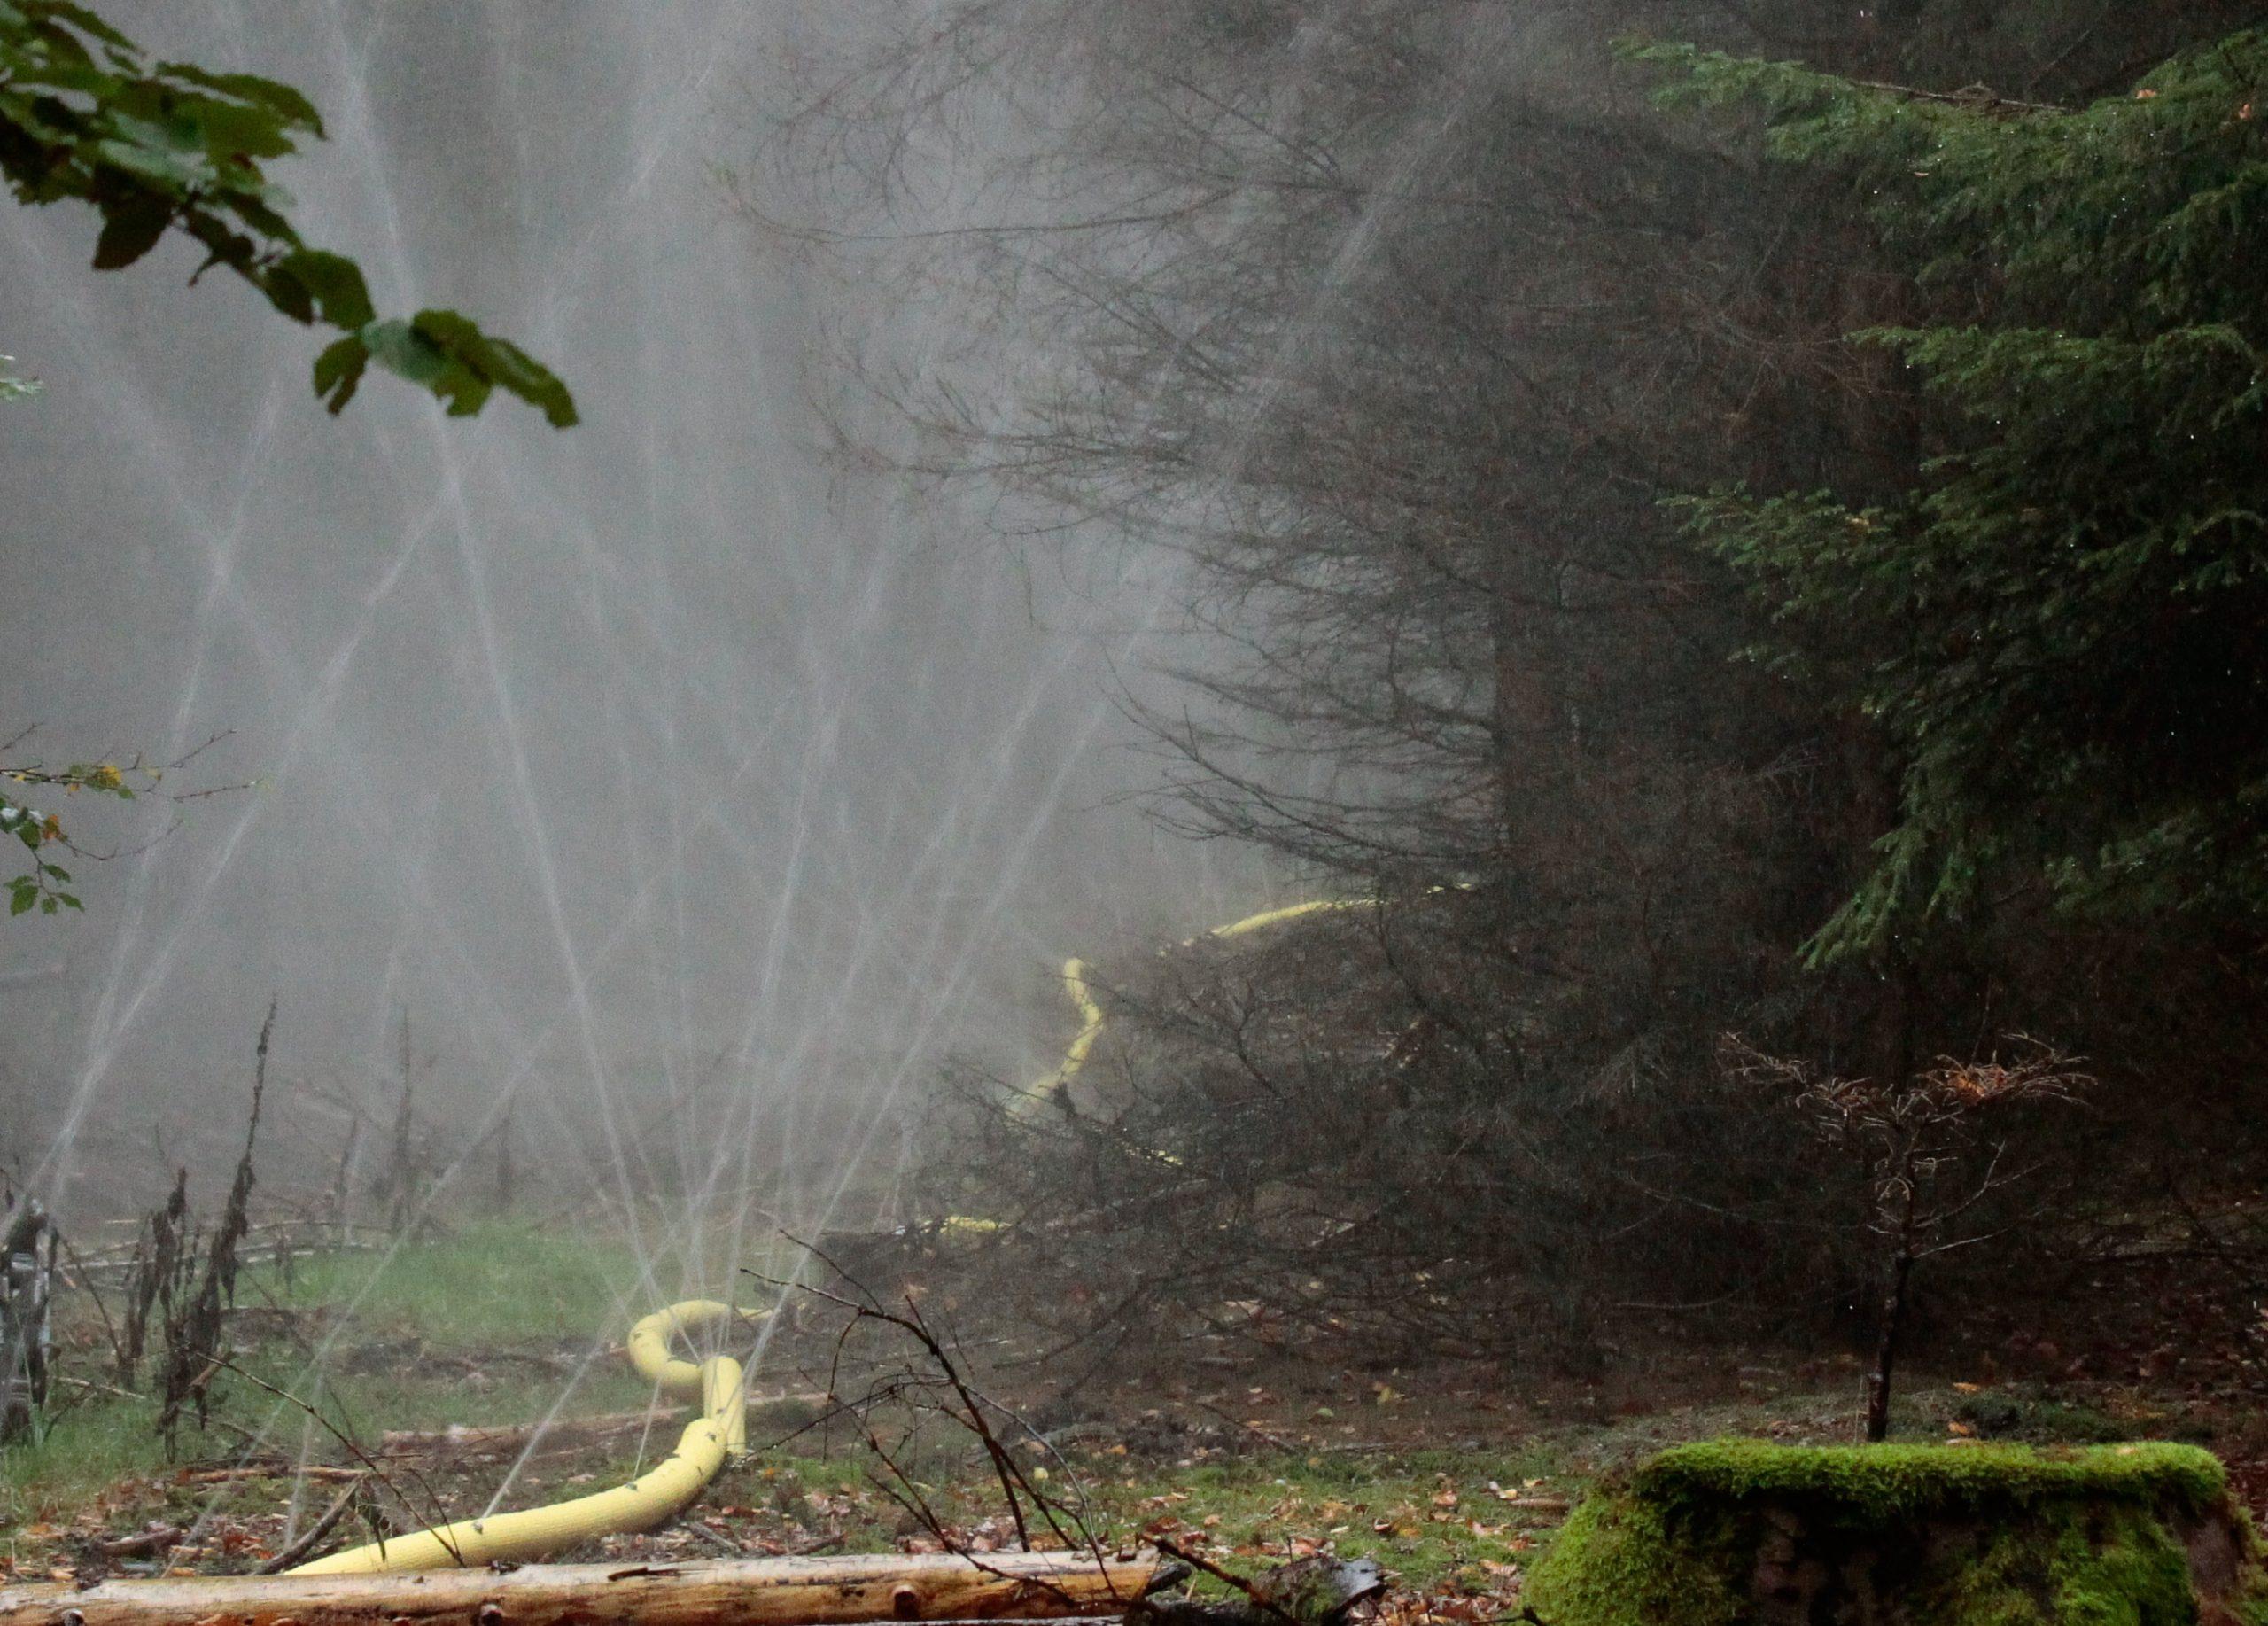 düsenschlauch zur Waldbrandbekämpfung und abriegelung